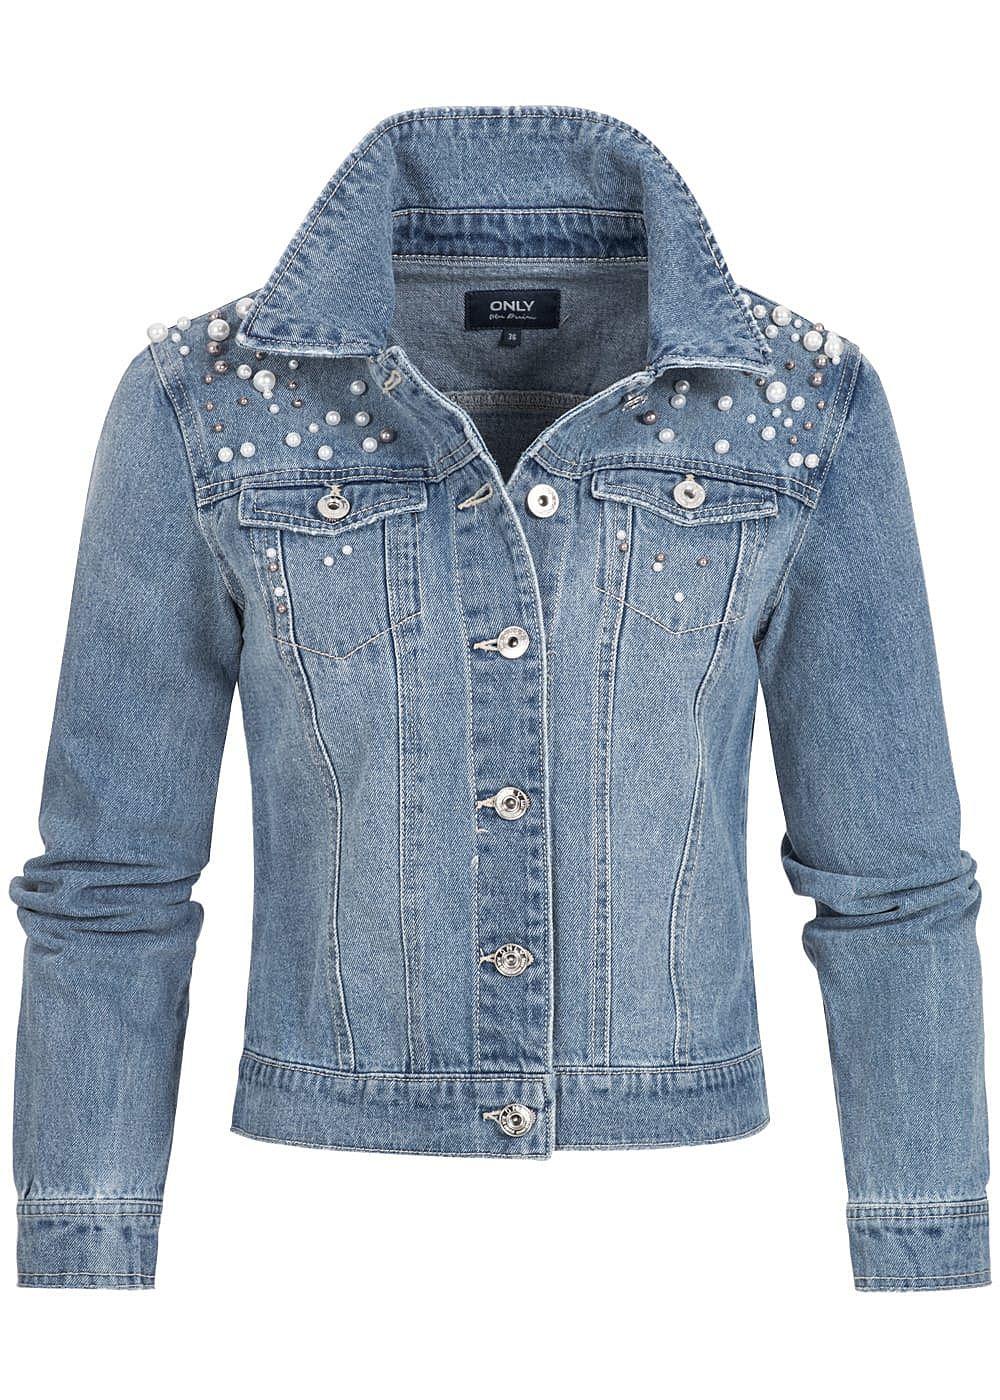 only damen jeans jacke deko perlen 2 brusttaschen medium blau denim 77onlineshop. Black Bedroom Furniture Sets. Home Design Ideas